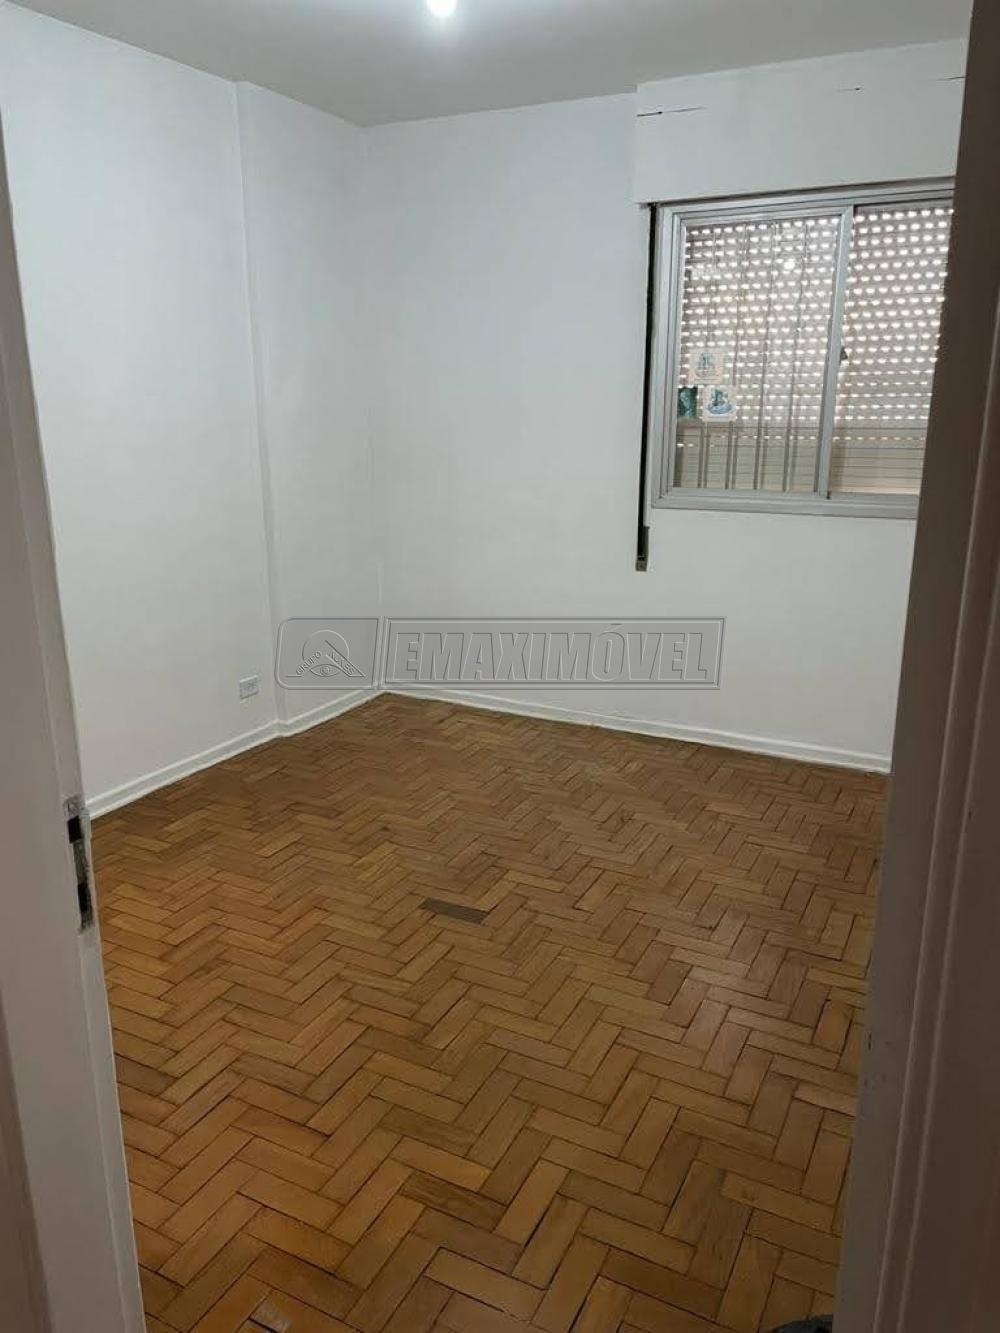 Comprar Apartamento / Padrão em Sorocaba R$ 400.000,00 - Foto 6